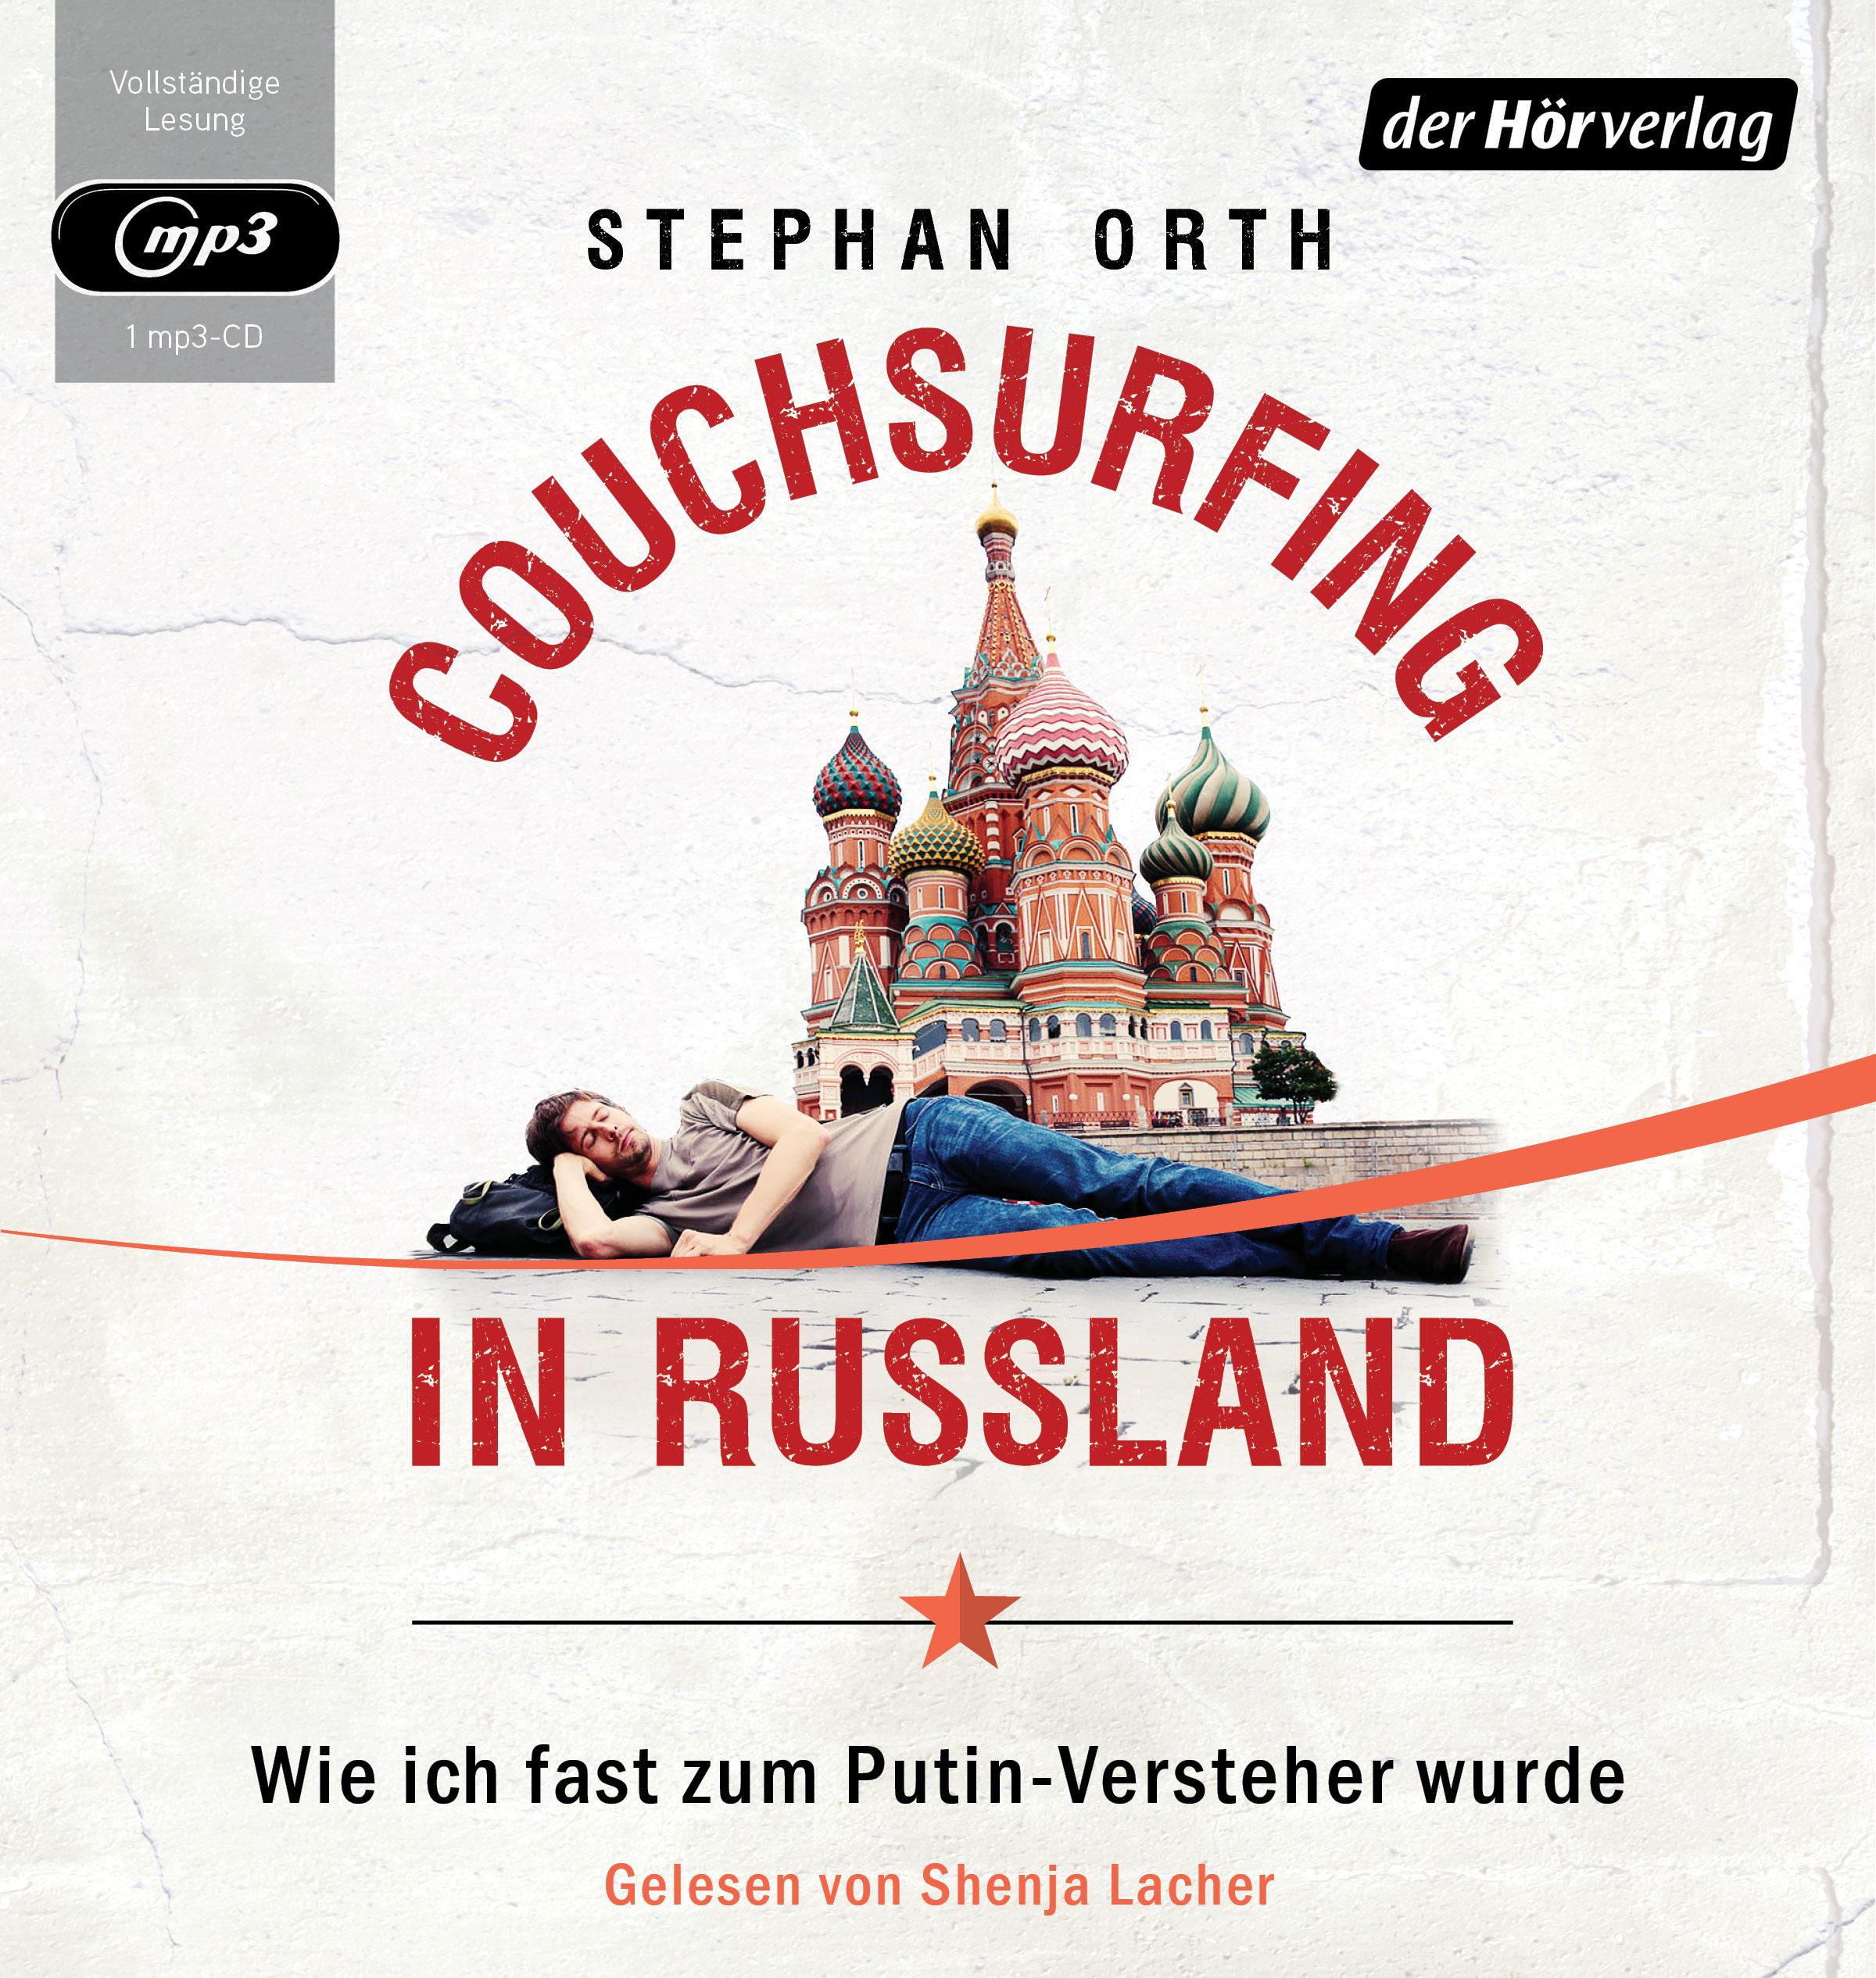 Couchsurfing in Russland von Stephan Orth.